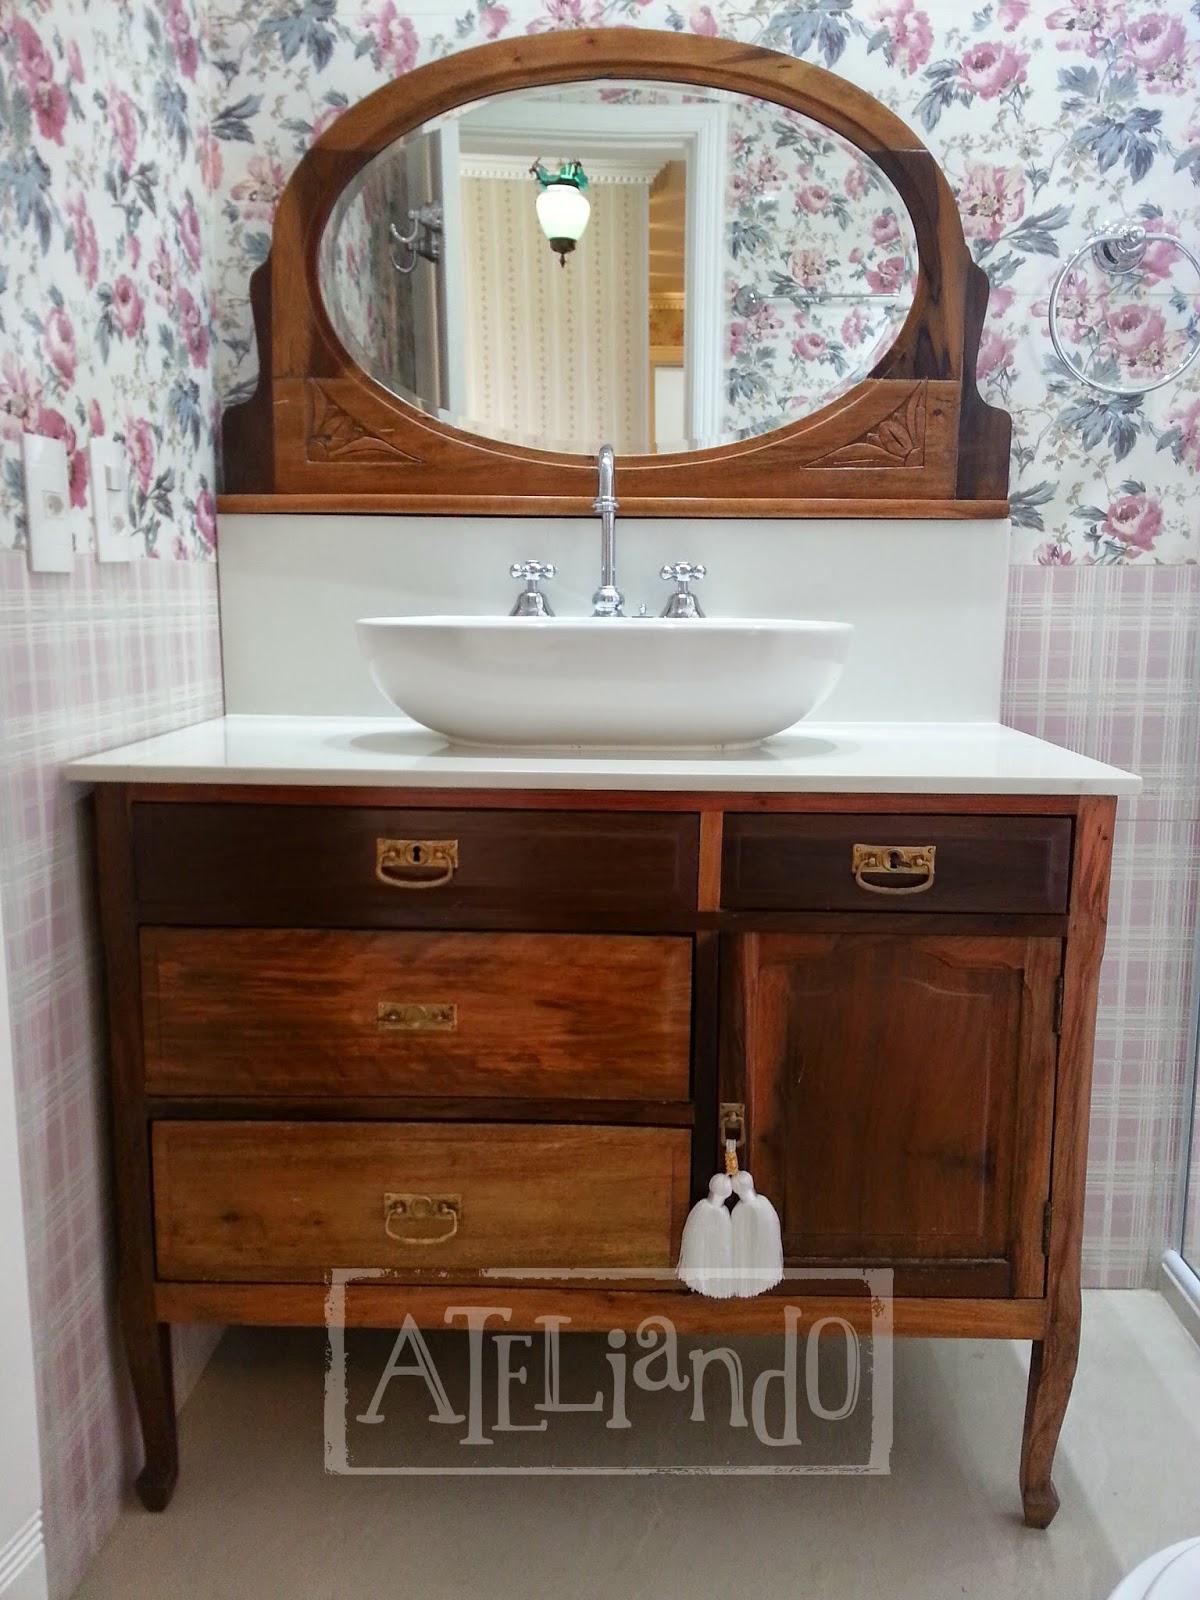 Customização de móveis antigos: Closet e banheiro customizados #6B391D 1200x1600 Azulejo Listrado Banheiro